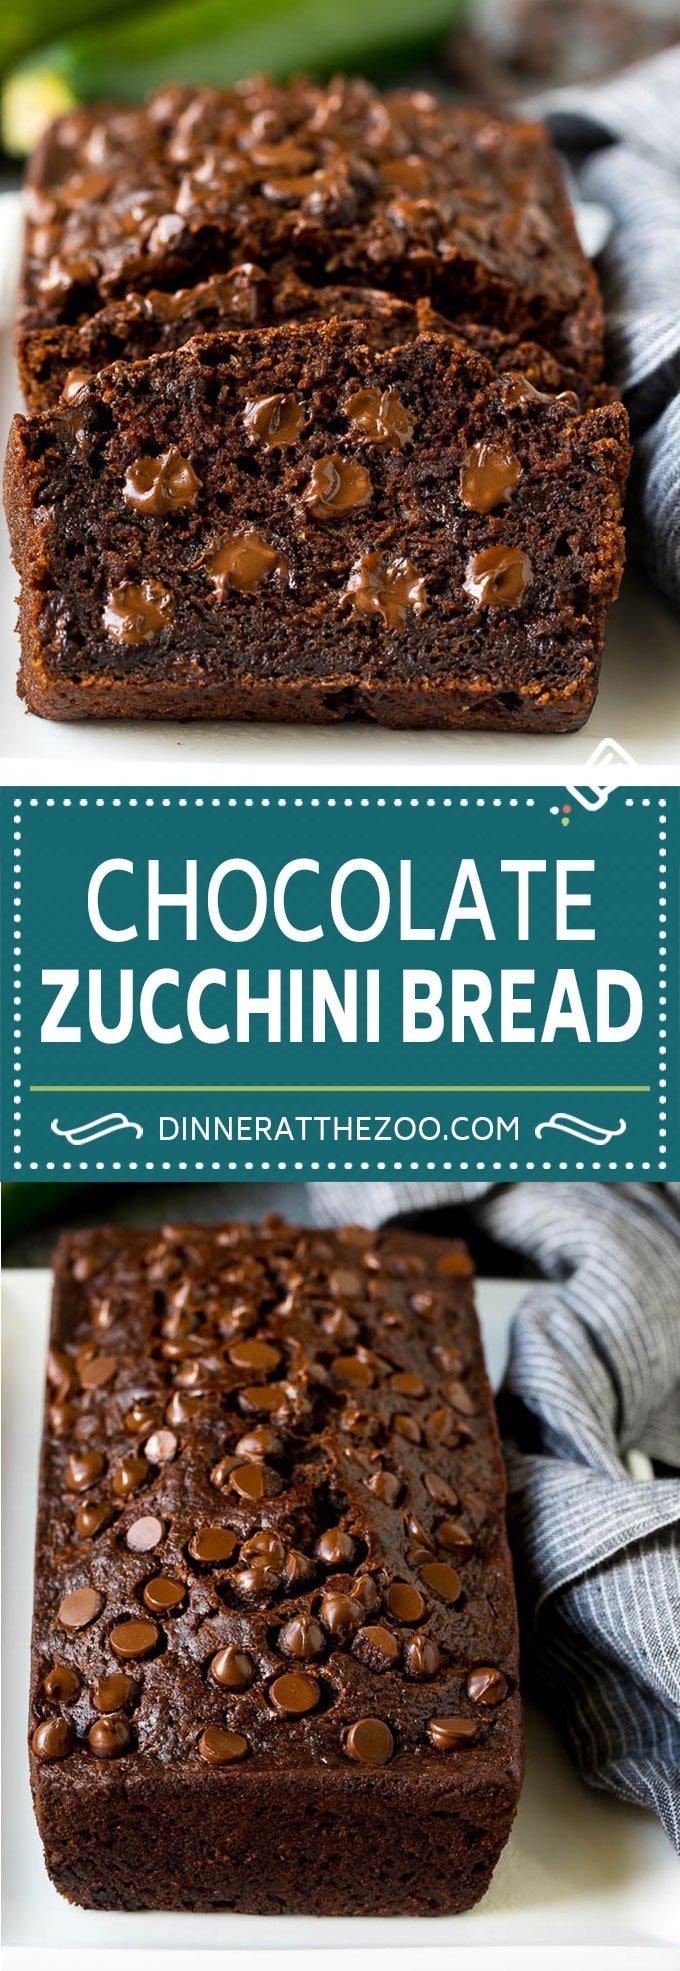 Chocolate Zucchini Bread Recipe | Zucchini Bread #bread #zucchini #chocolate #baking #dessert #dinneratthezoo